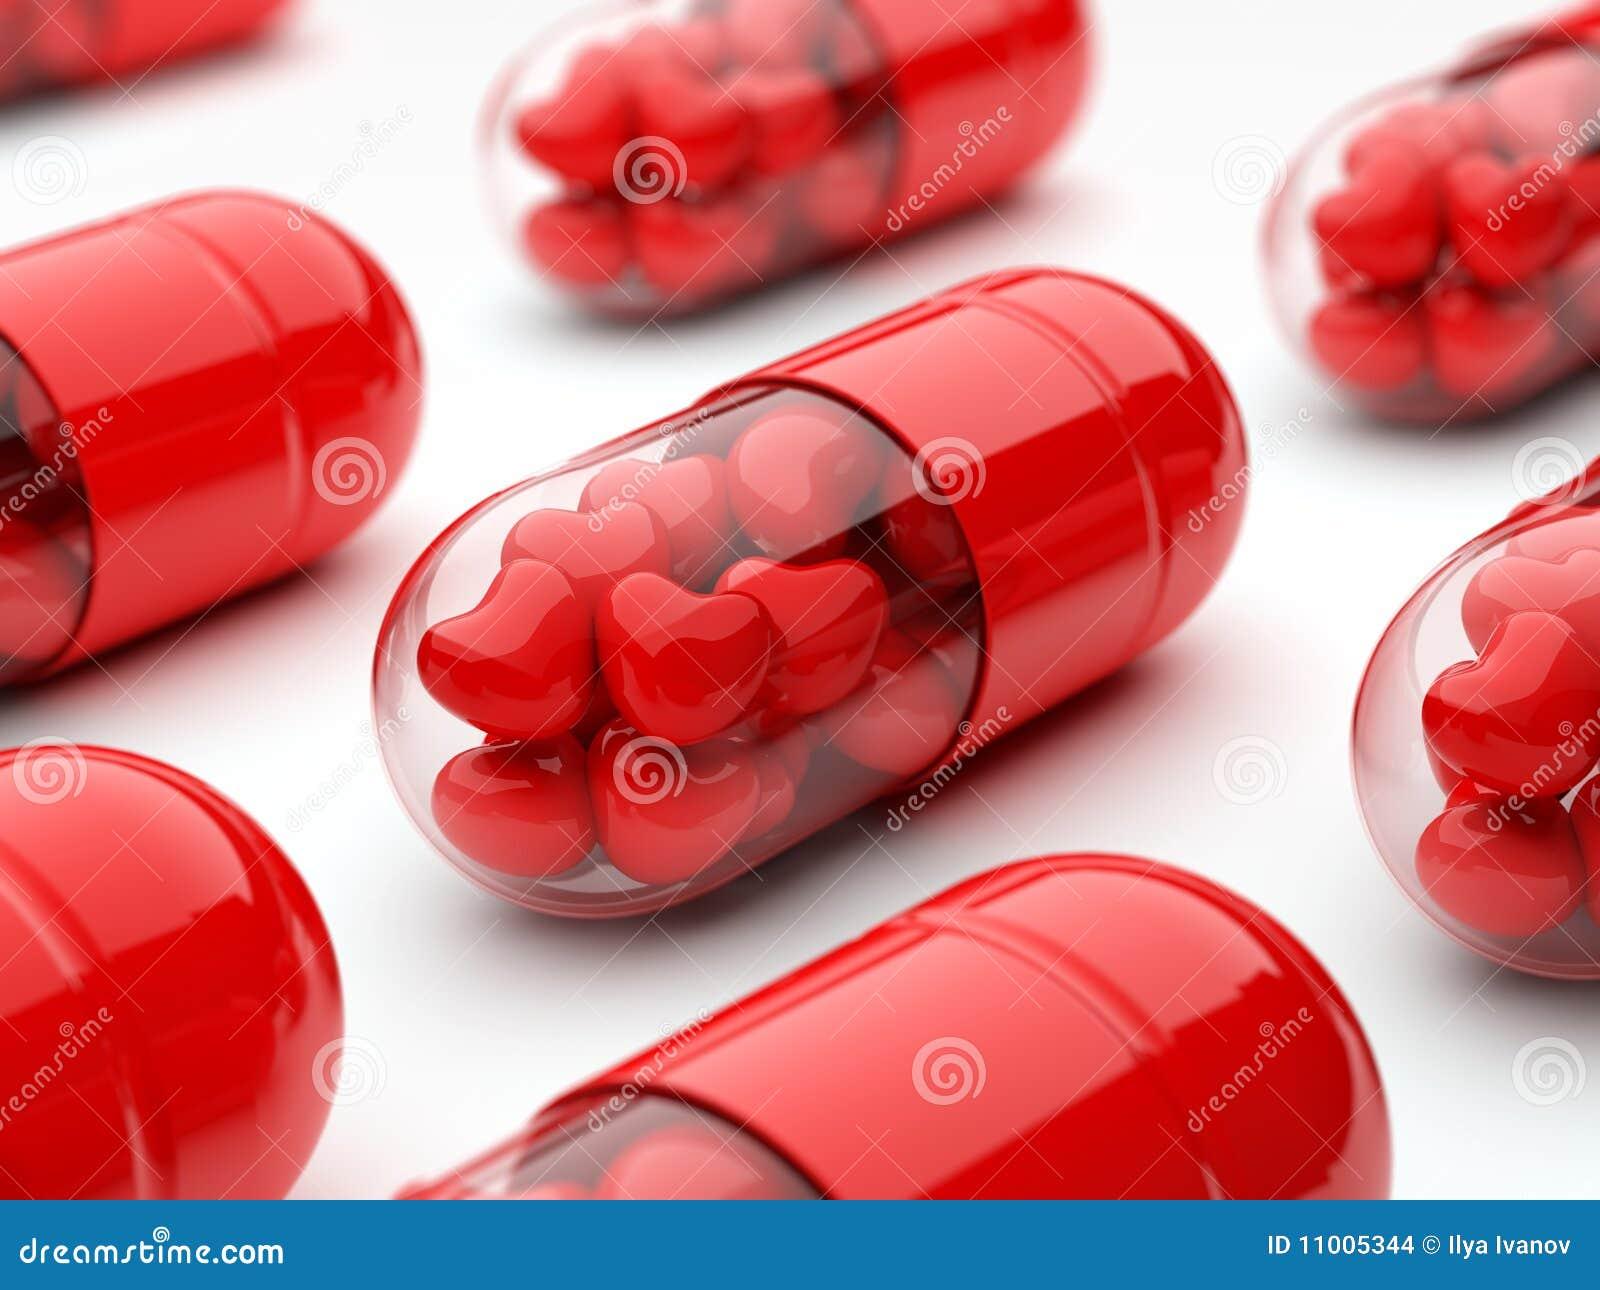 Pillole viagra immagini